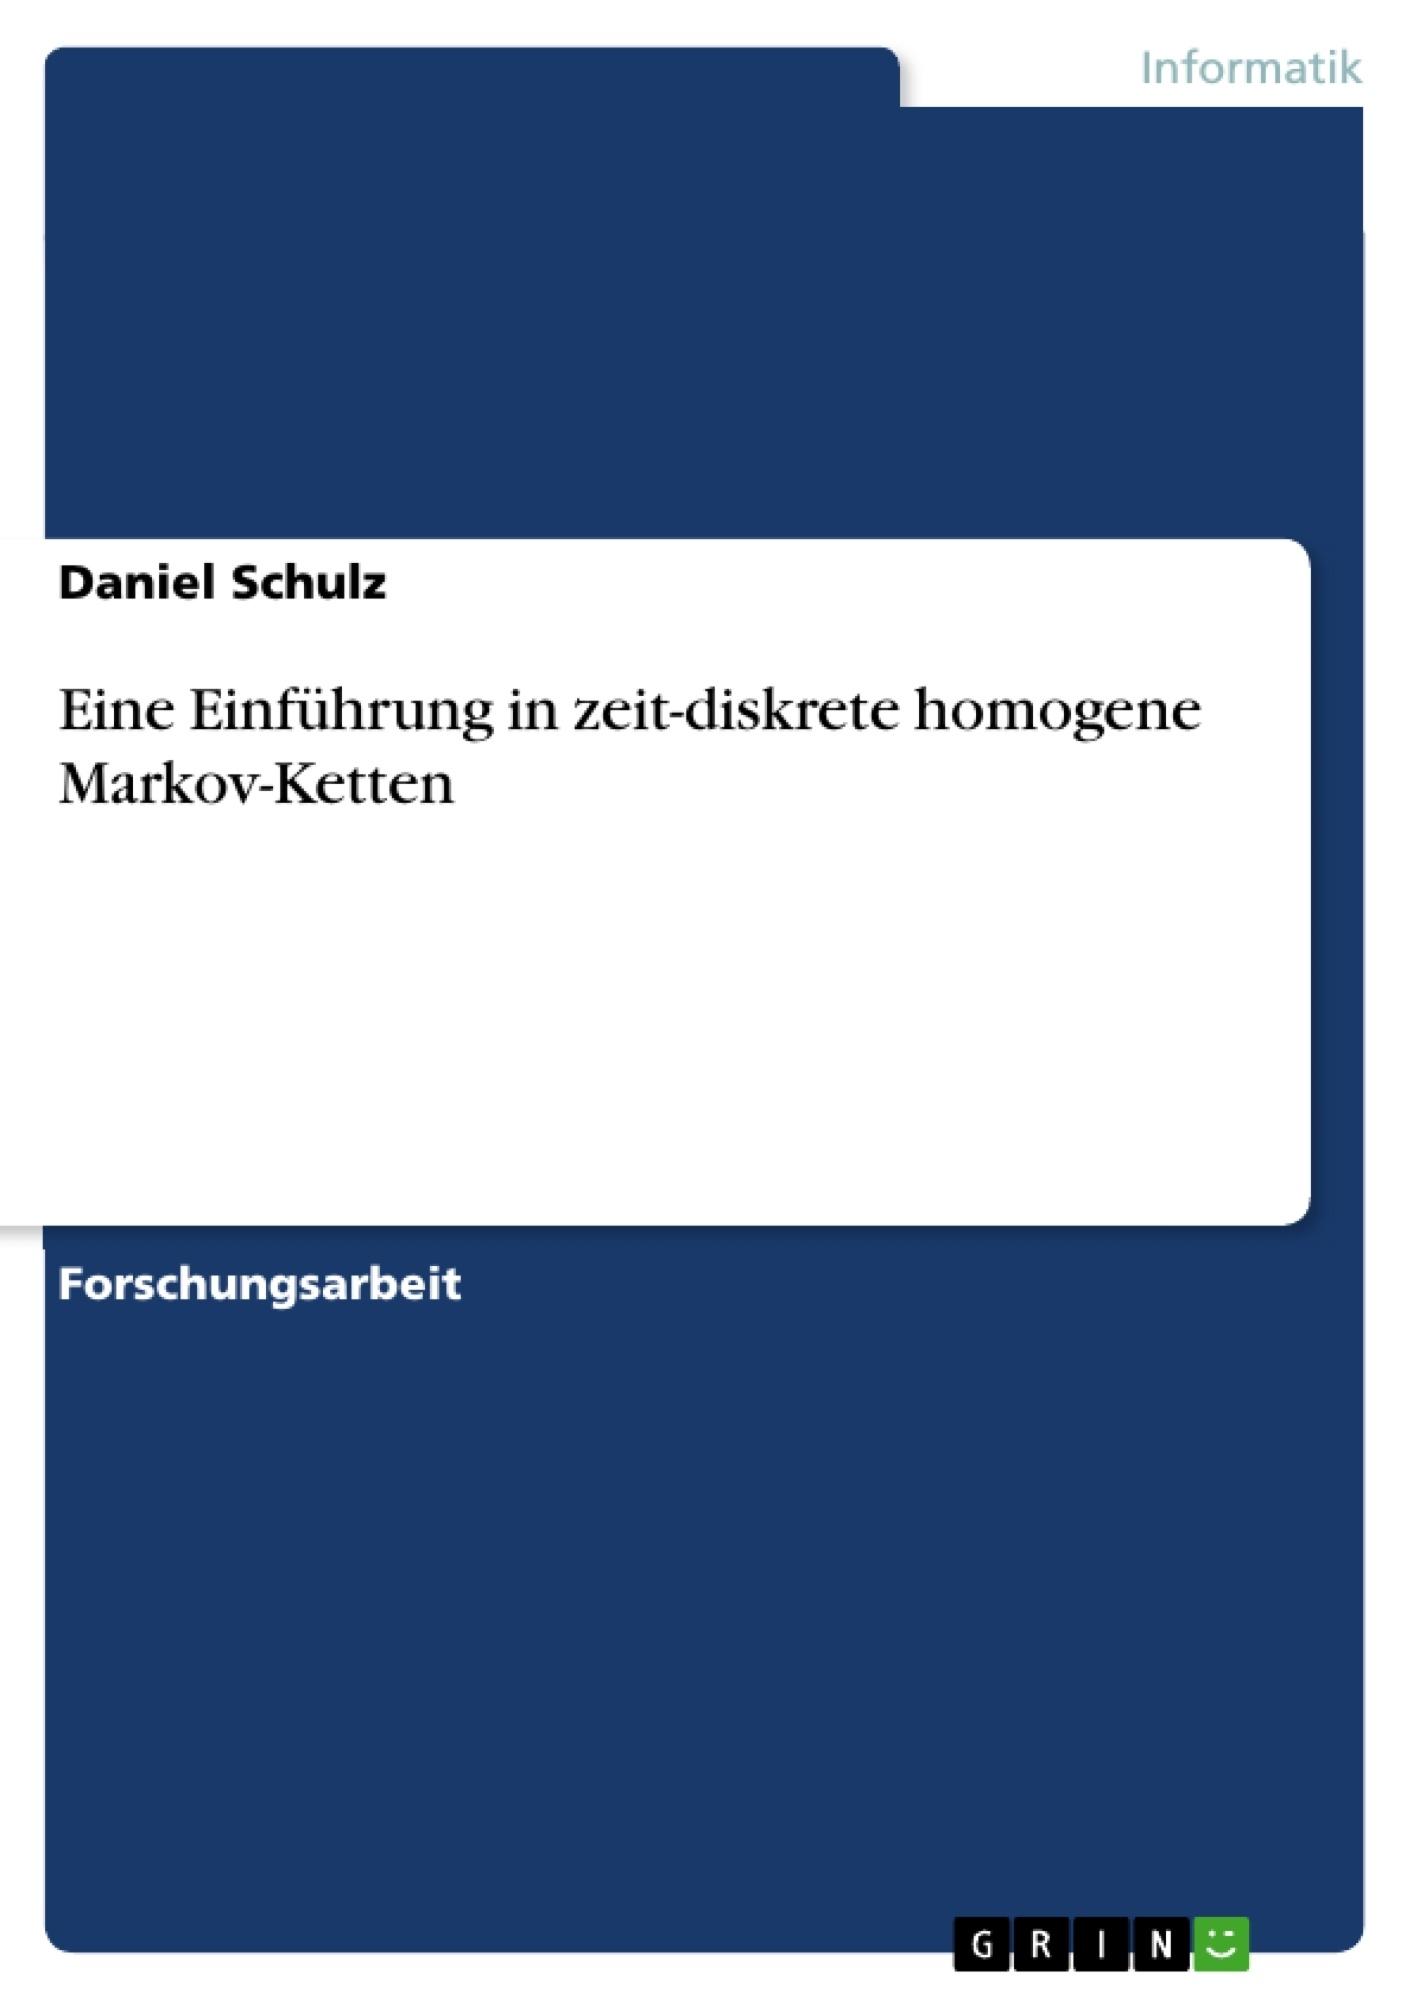 Titel: Eine Einführung in zeit-diskrete homogene Markov-Ketten